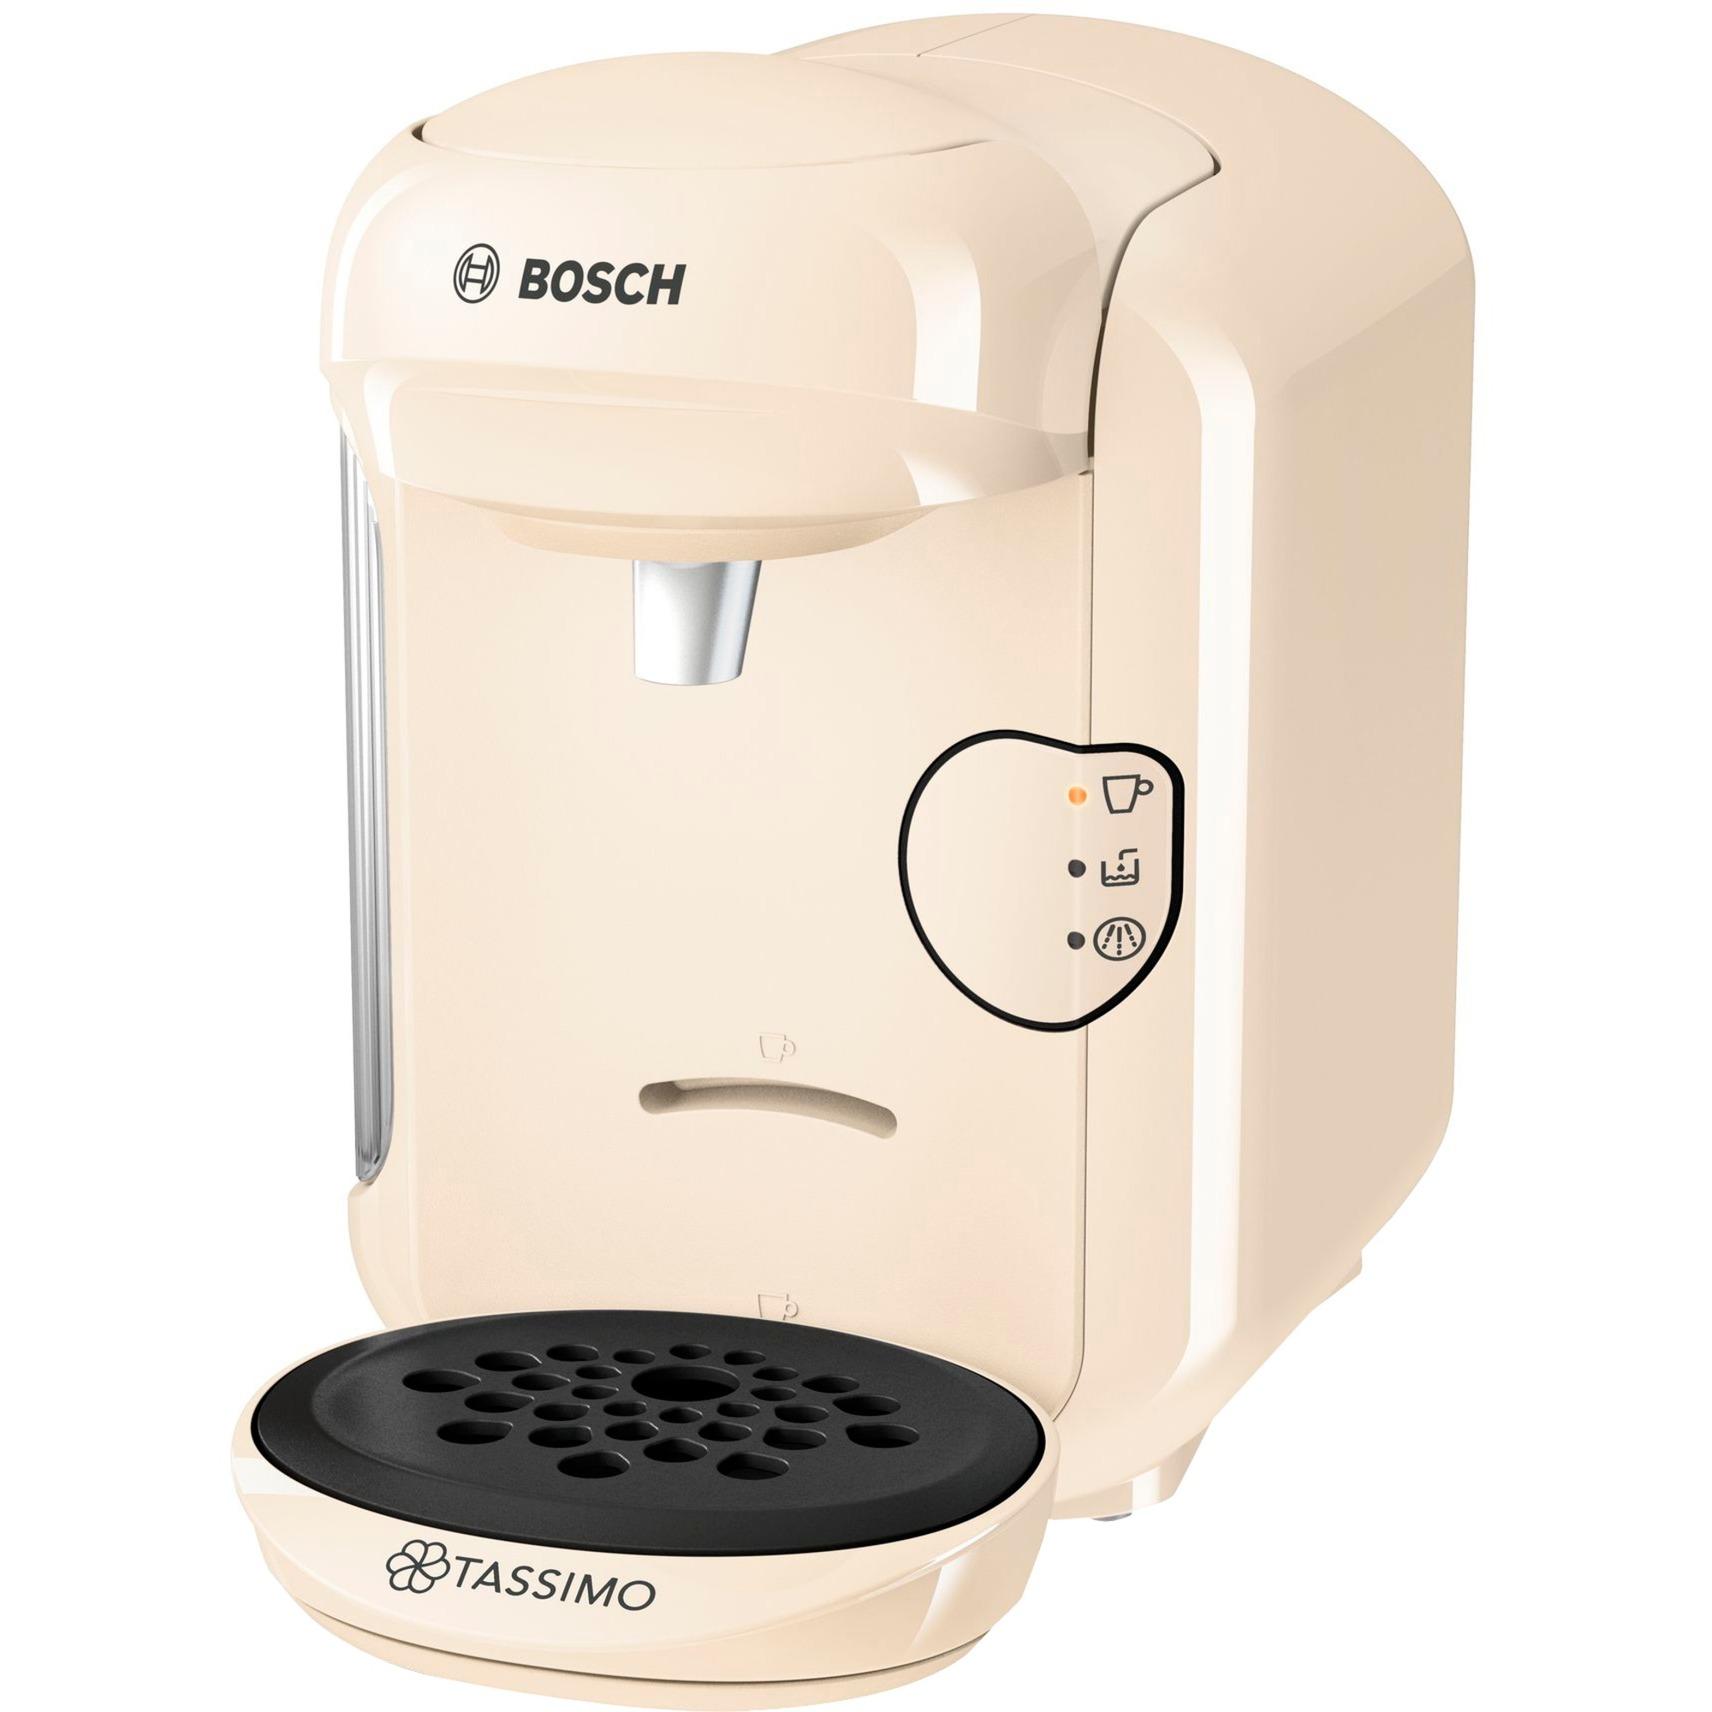 TASSIMO VIVY 2 Independiente Totalmente automática Máquina de café en cápsulas 0.7L Crema de color, Cafetera de cápsulas